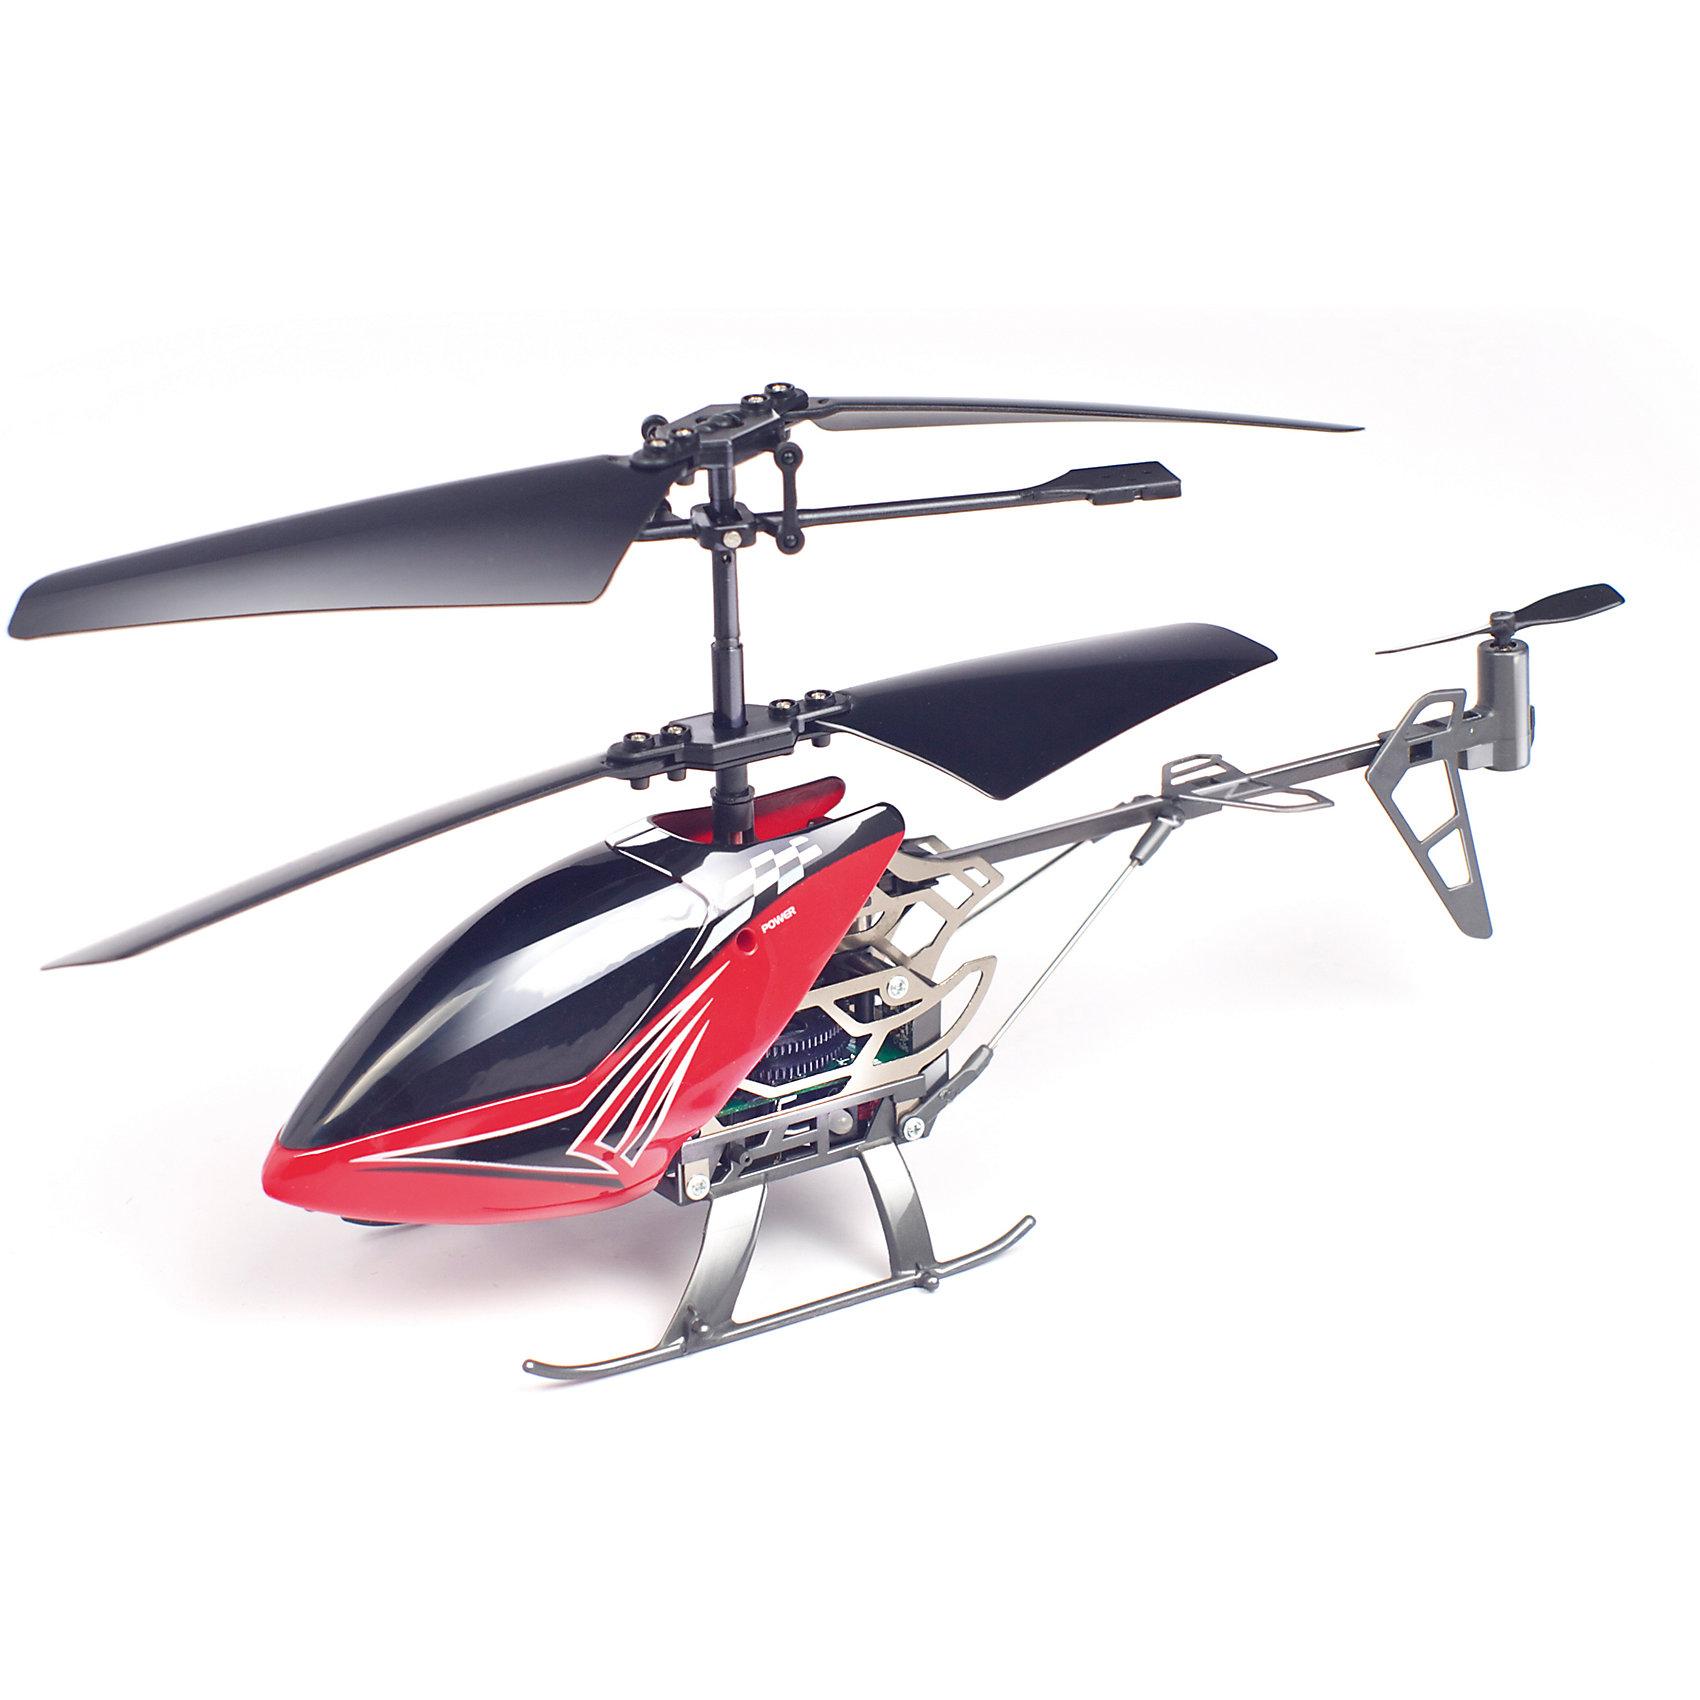 Вертолет Скай Драгон на р/у, красный, SilverlitХарактеристики товара:<br><br>- цвет: красный;<br>- материал: пластик;<br>- габариты упаковки: 9х33х30 см;<br>- комплектация: вертолет, пульт радиуправления;<br>- контроль скорости;<br>- светодиодные огни;<br>- длина вертолета: 19 см; <br>- время зарядки: до 30 минут;<br>- продолжительность работы: до 10 минут;<br>- радиус дествия пульта: до 10 м.<br><br>Вертолеты на пультах управления - безусловные фавориты среди детских игрушек для мальчиков.Такой вертолет – желанный подарок для всех ребят. Игрушка движется с помощью пульта радиоуправления. Заряжается быстро! Он очень похож на настоящй и прекрасно детализирован! Материалы, использованные при создании изготовлении изделия, полностью безопасны и отвечают всем международным требованиям по качеству детских товаров.<br><br>Вертолет Скай Драгон на р/у, красный, от бренда Silverlit можно купить в нашем интернет-магазине.<br><br>Ширина мм: 89<br>Глубина мм: 330<br>Высота мм: 299<br>Вес г: 670<br>Возраст от месяцев: 36<br>Возраст до месяцев: 2147483647<br>Пол: Мужской<br>Возраст: Детский<br>SKU: 5156836